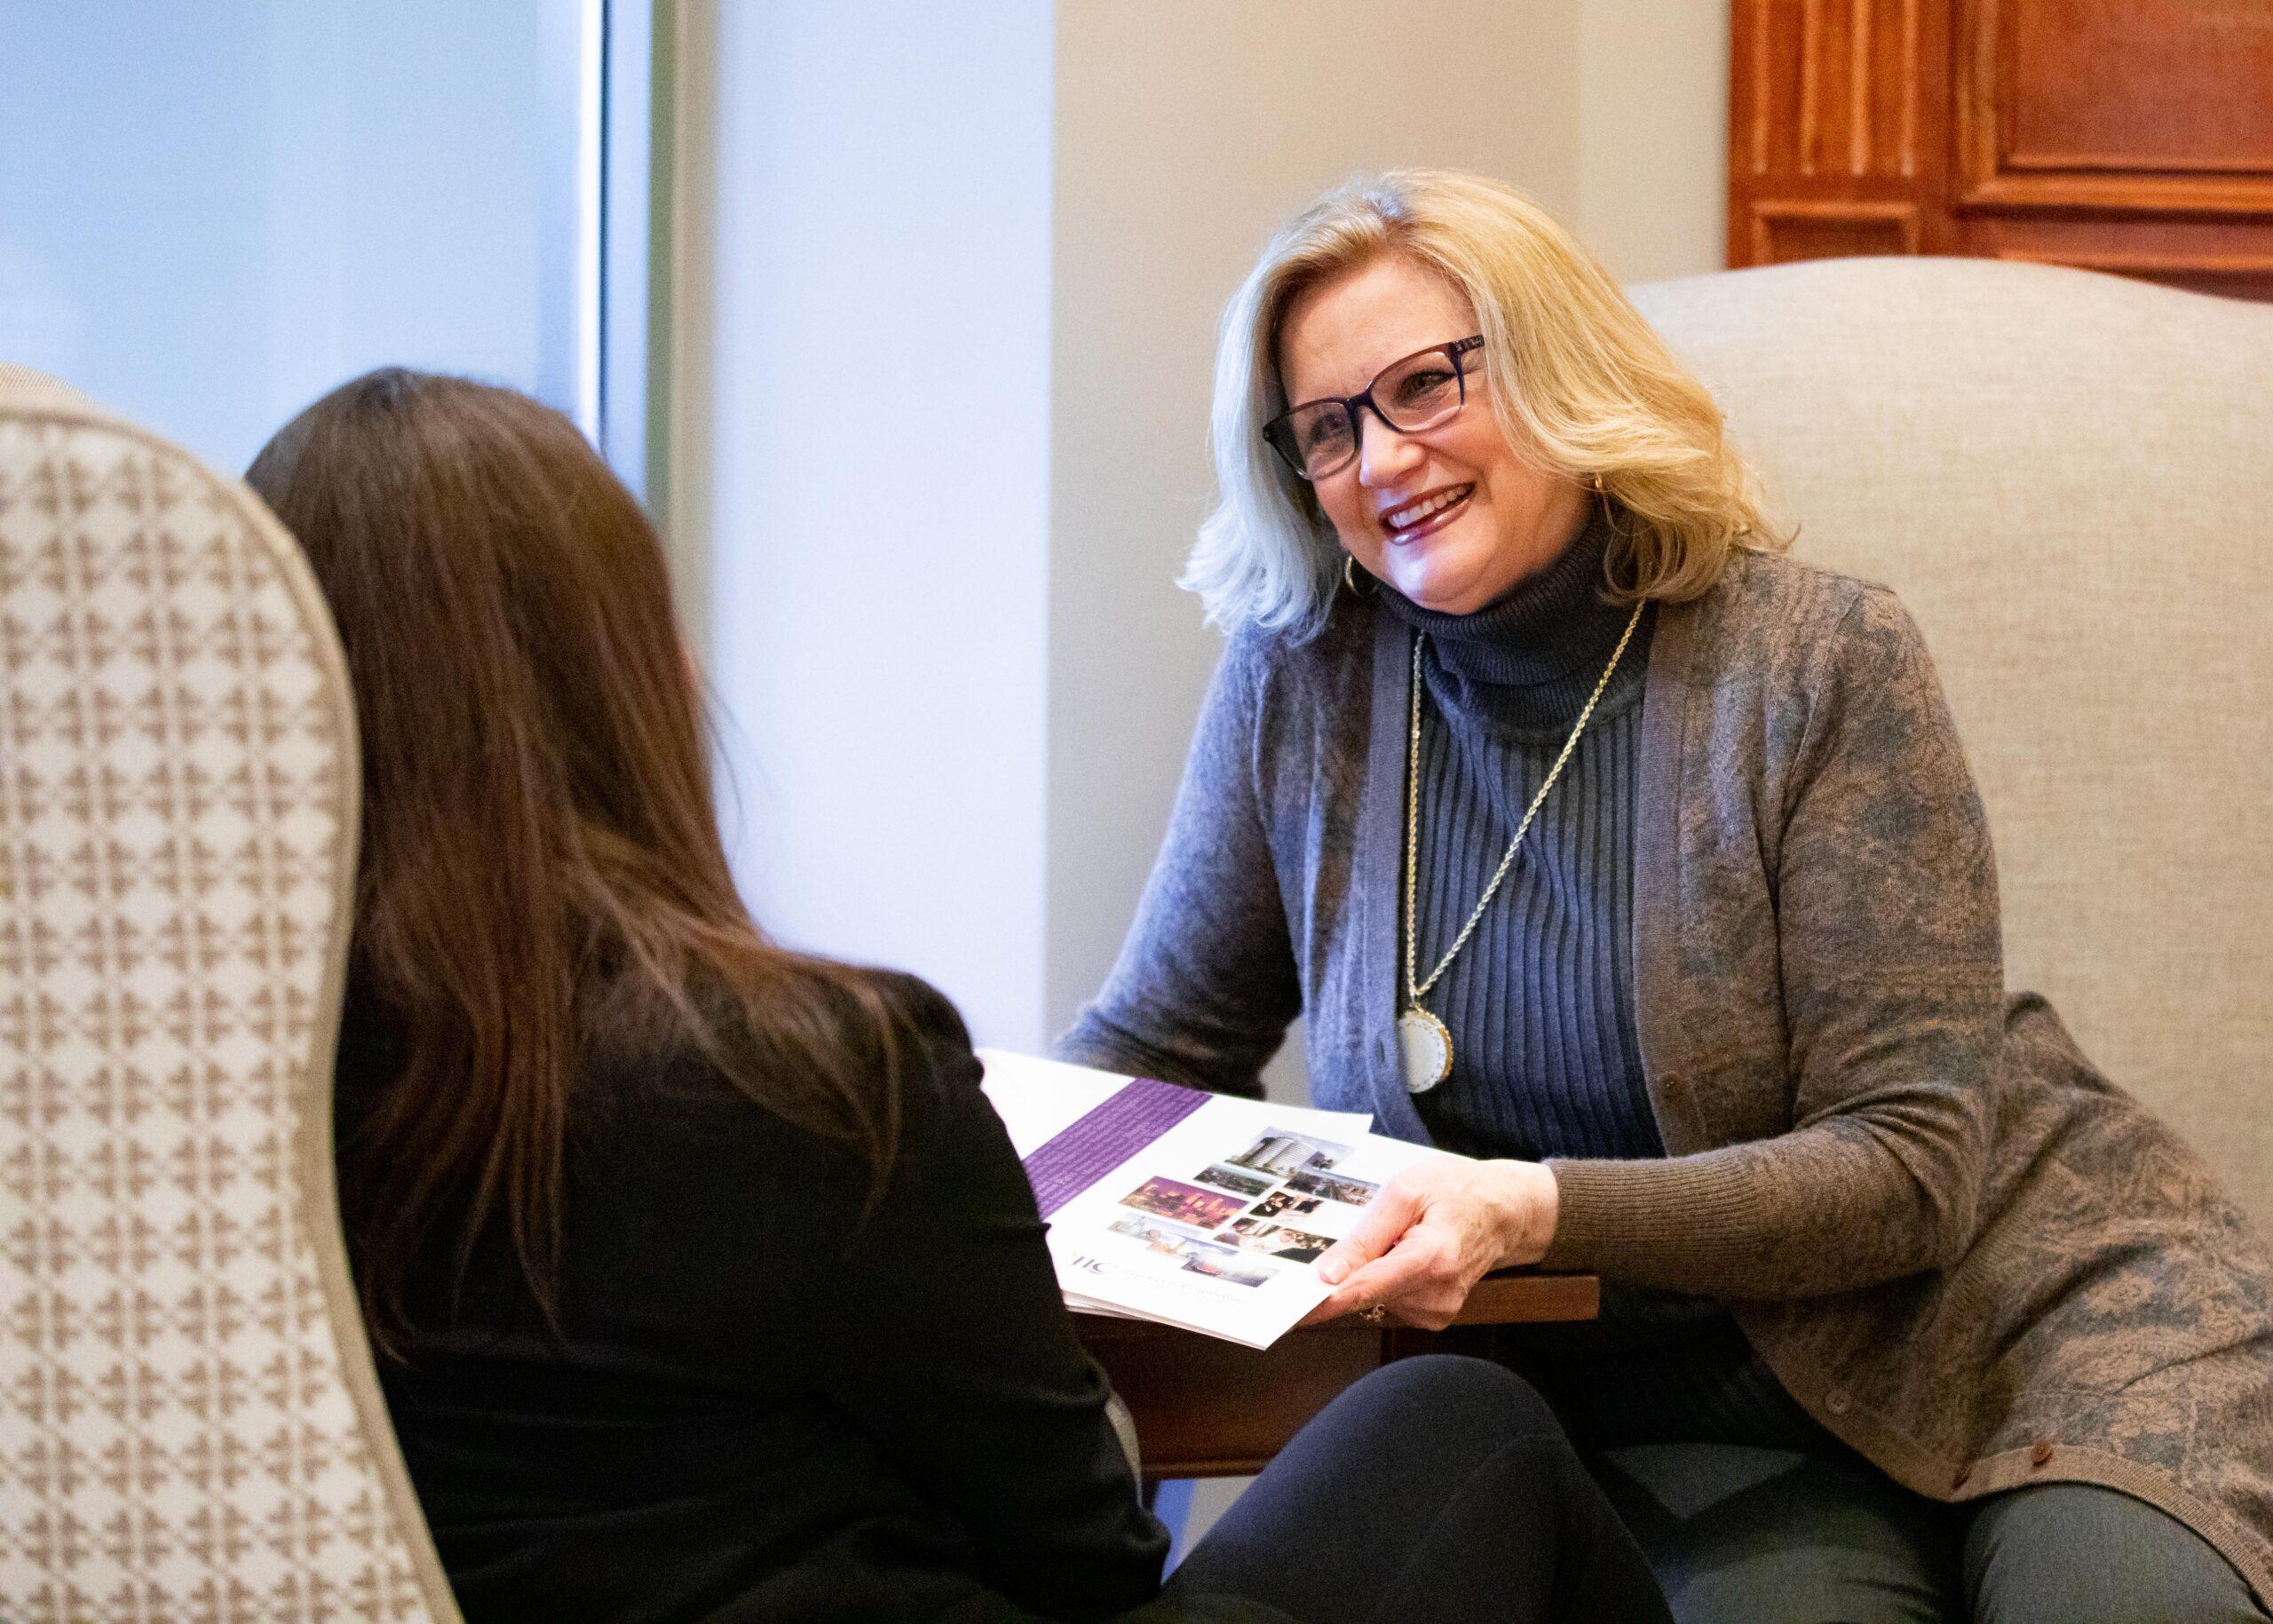 Anne Leets coaching a client